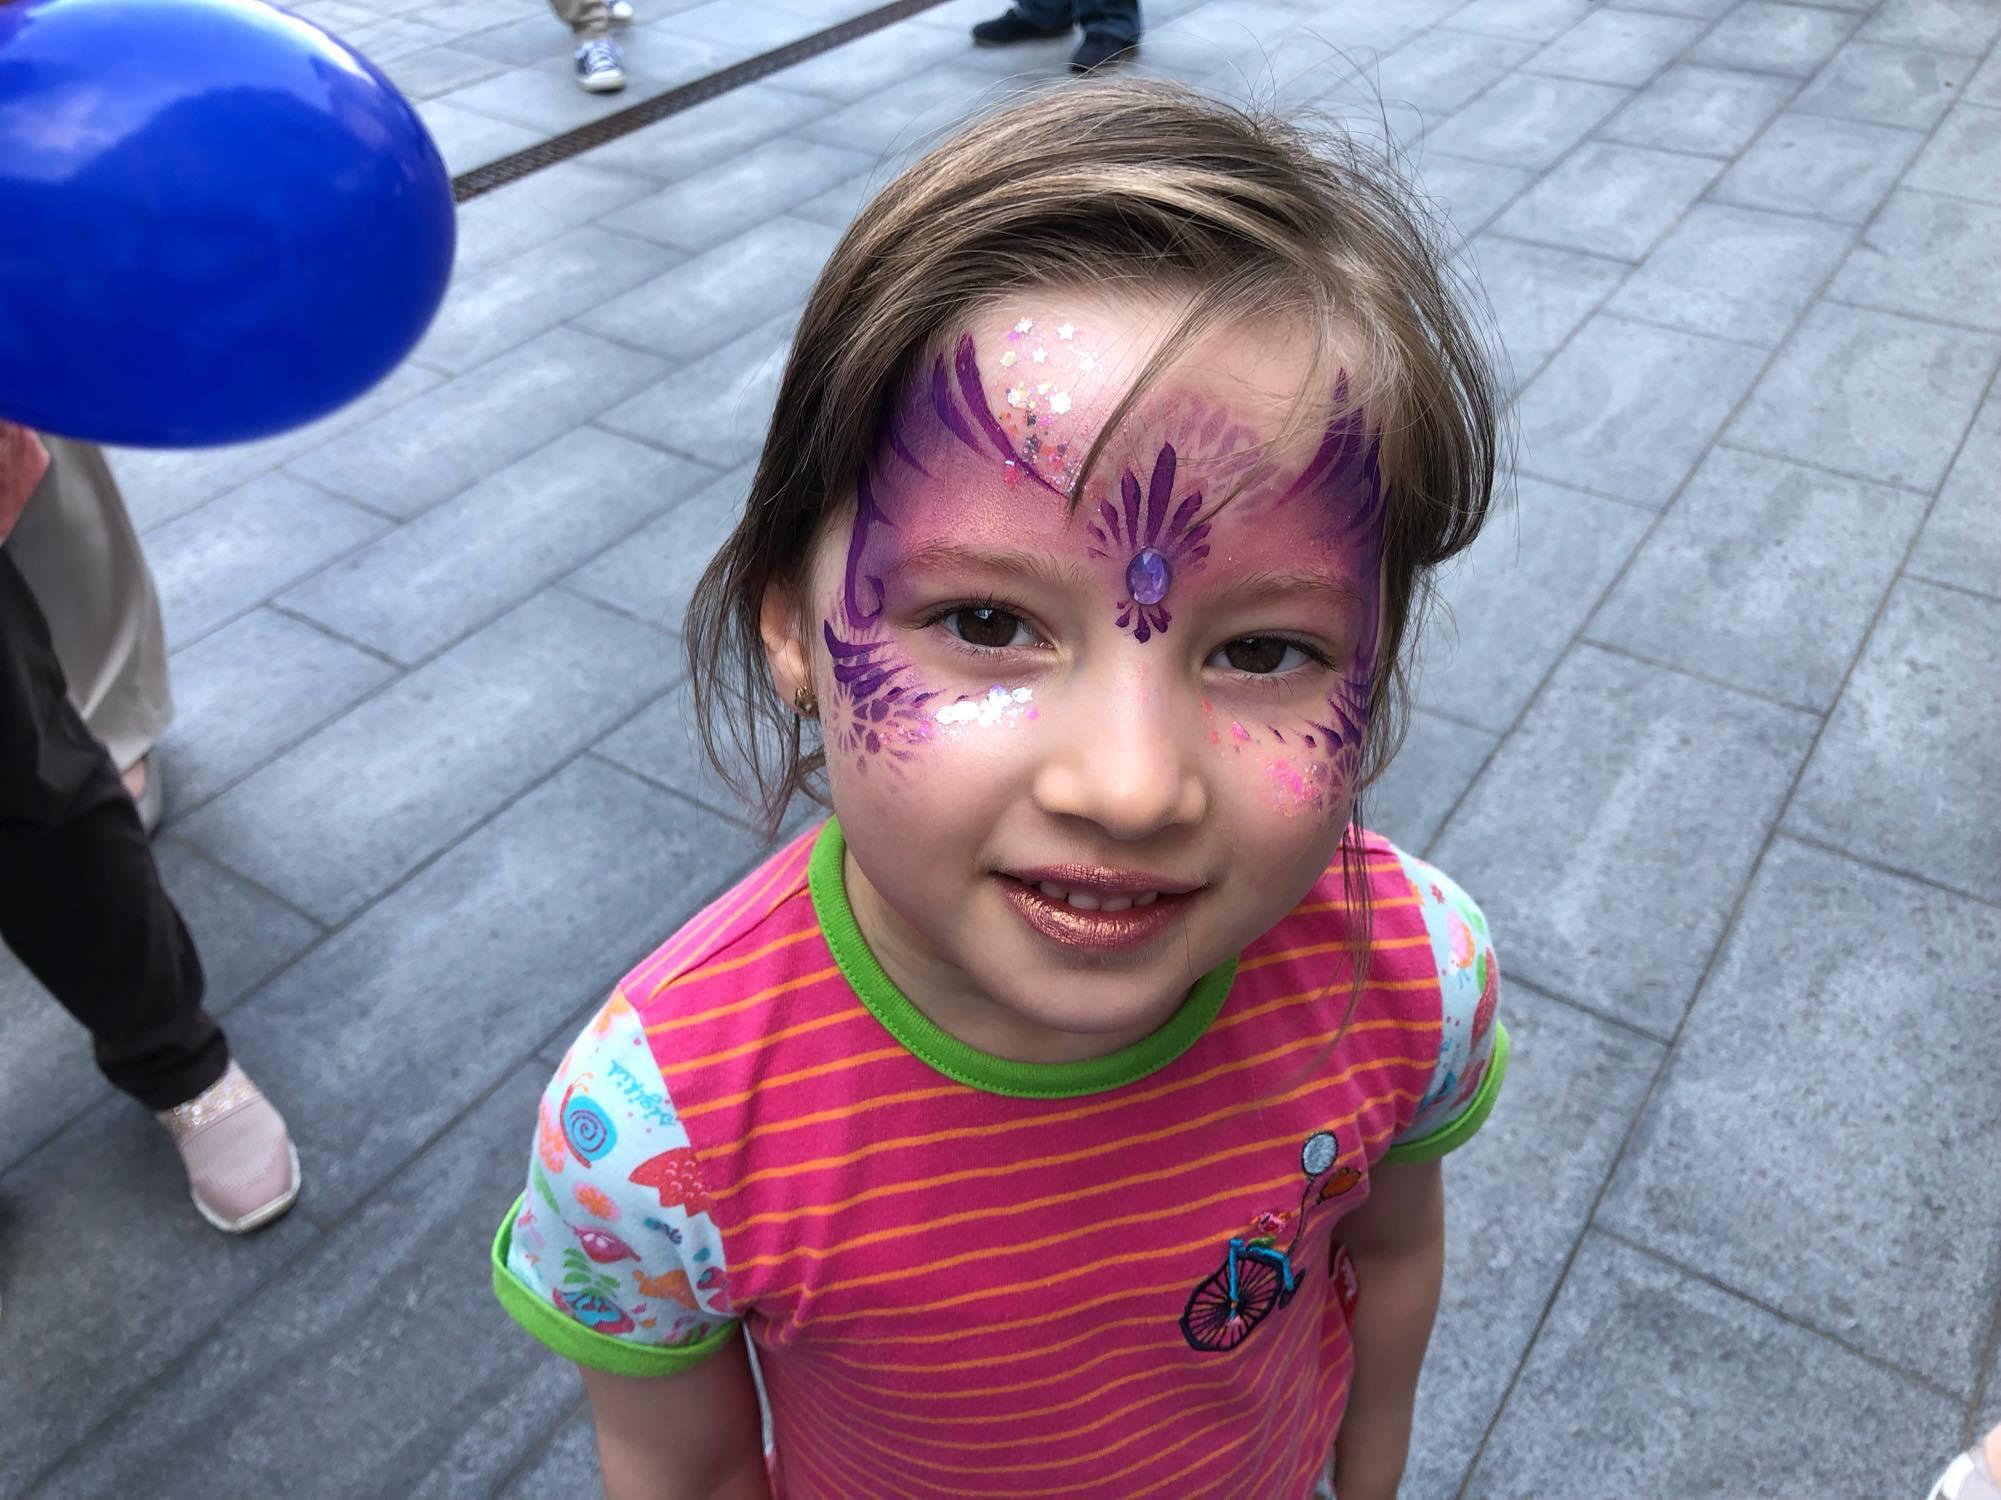 Maquillage enfant facepaint